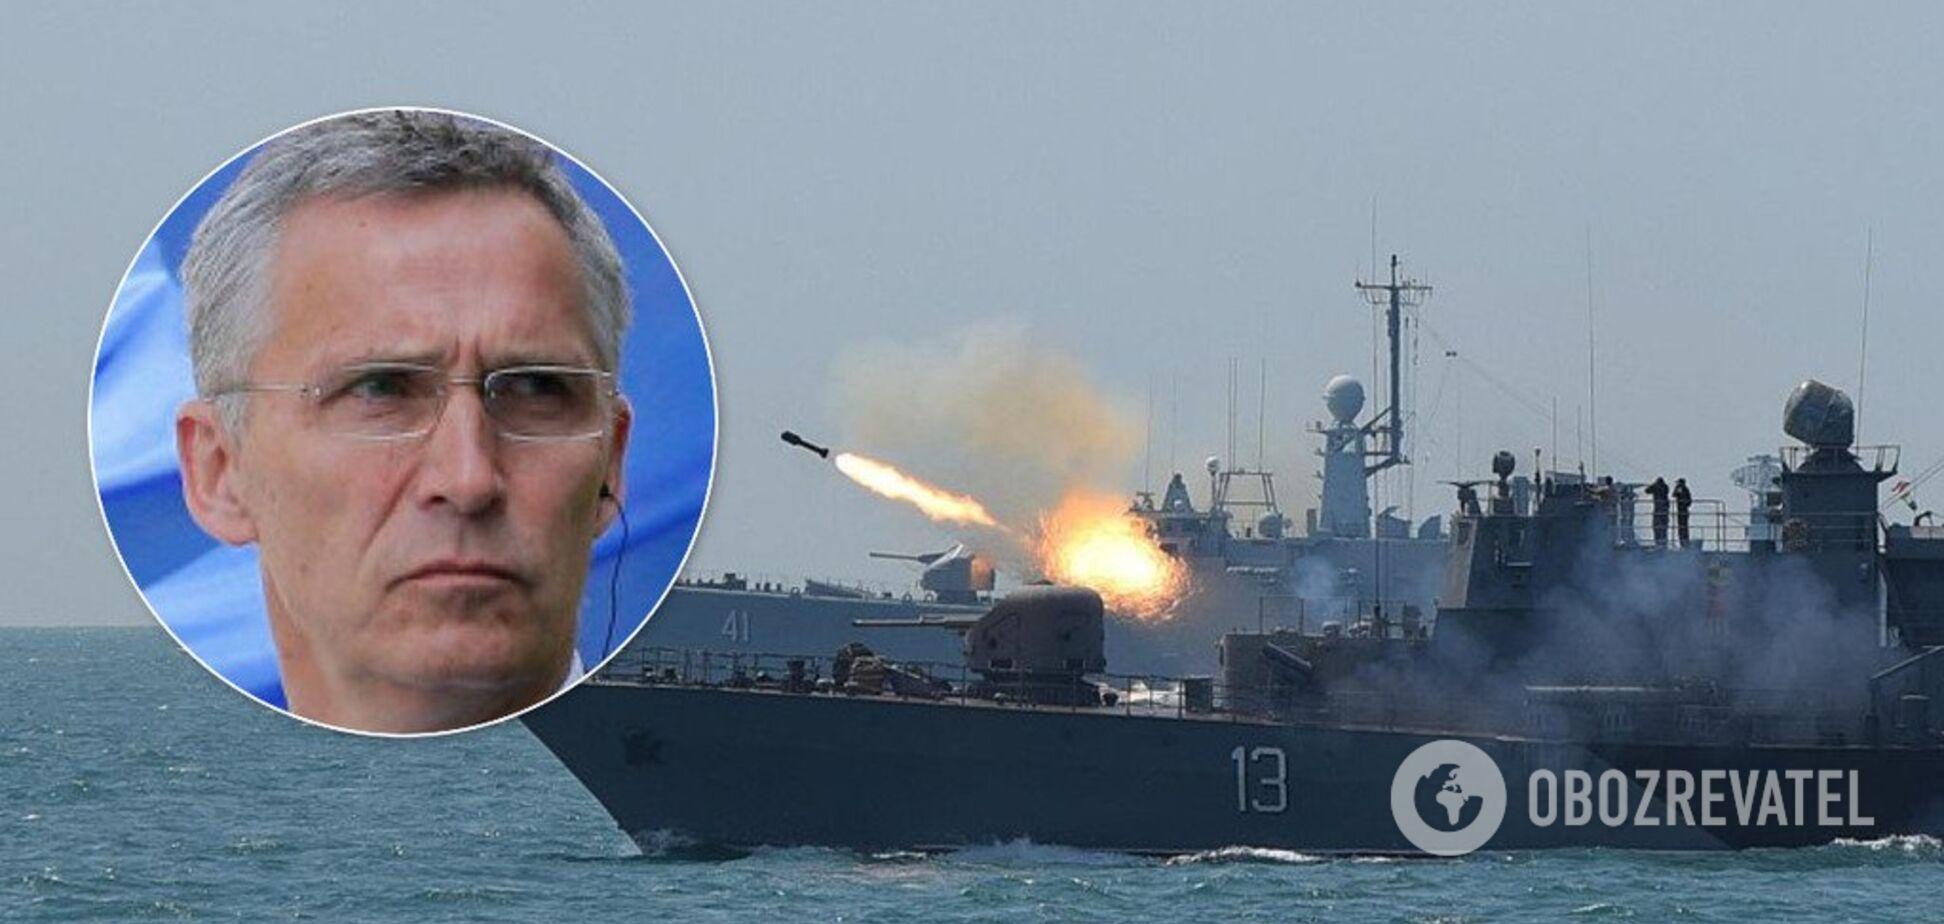 'Україна – наш партнер': у НАТО заявили про посилення військової могутності в Чорному морі